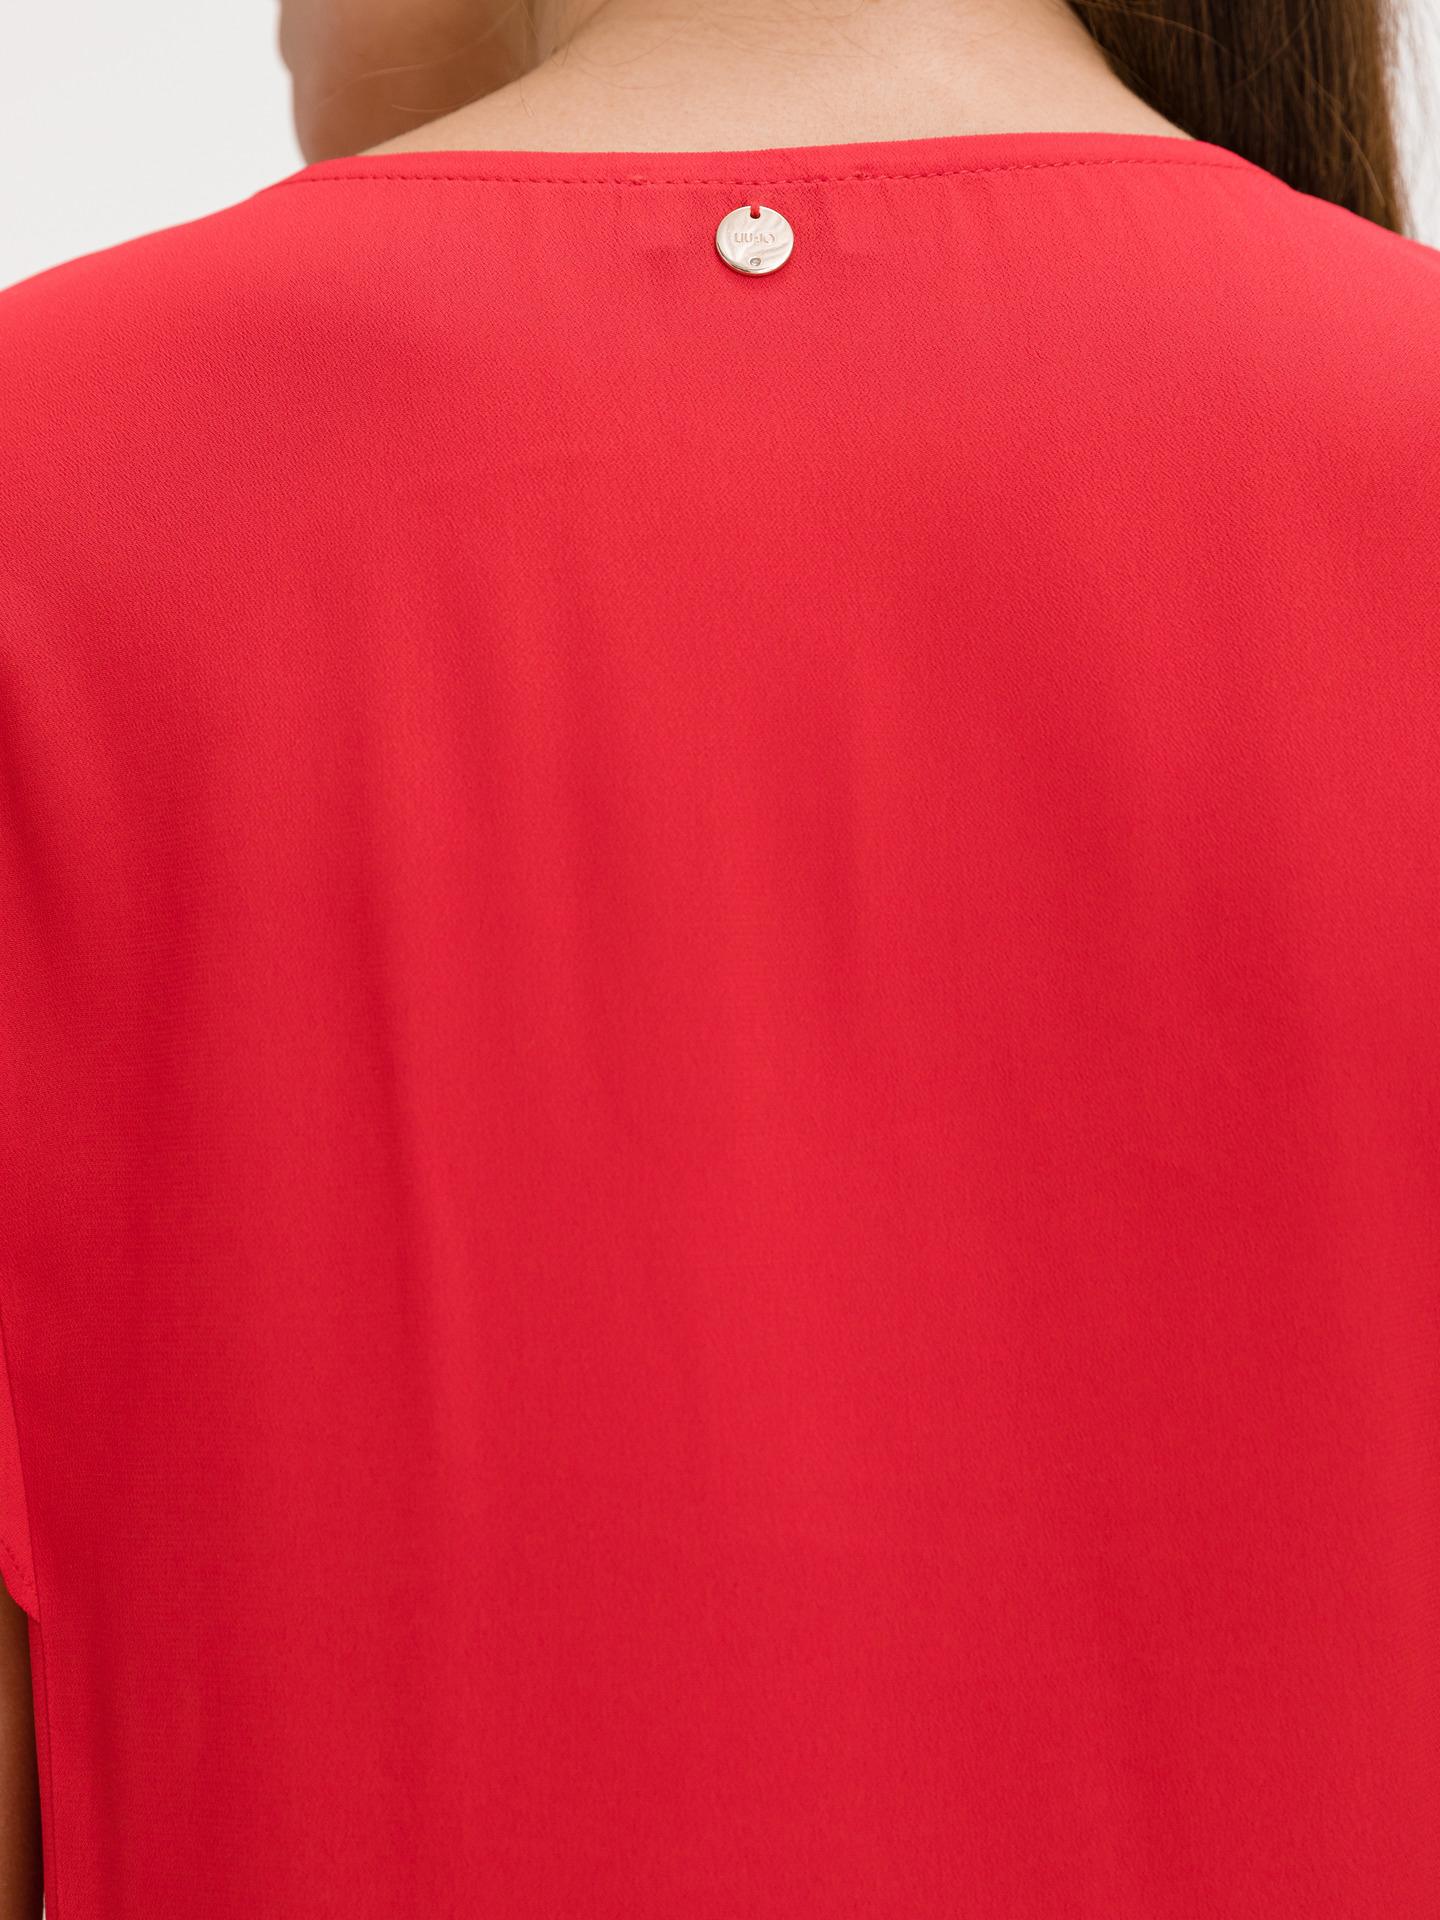 Liu Jo rosso da donna maglietta